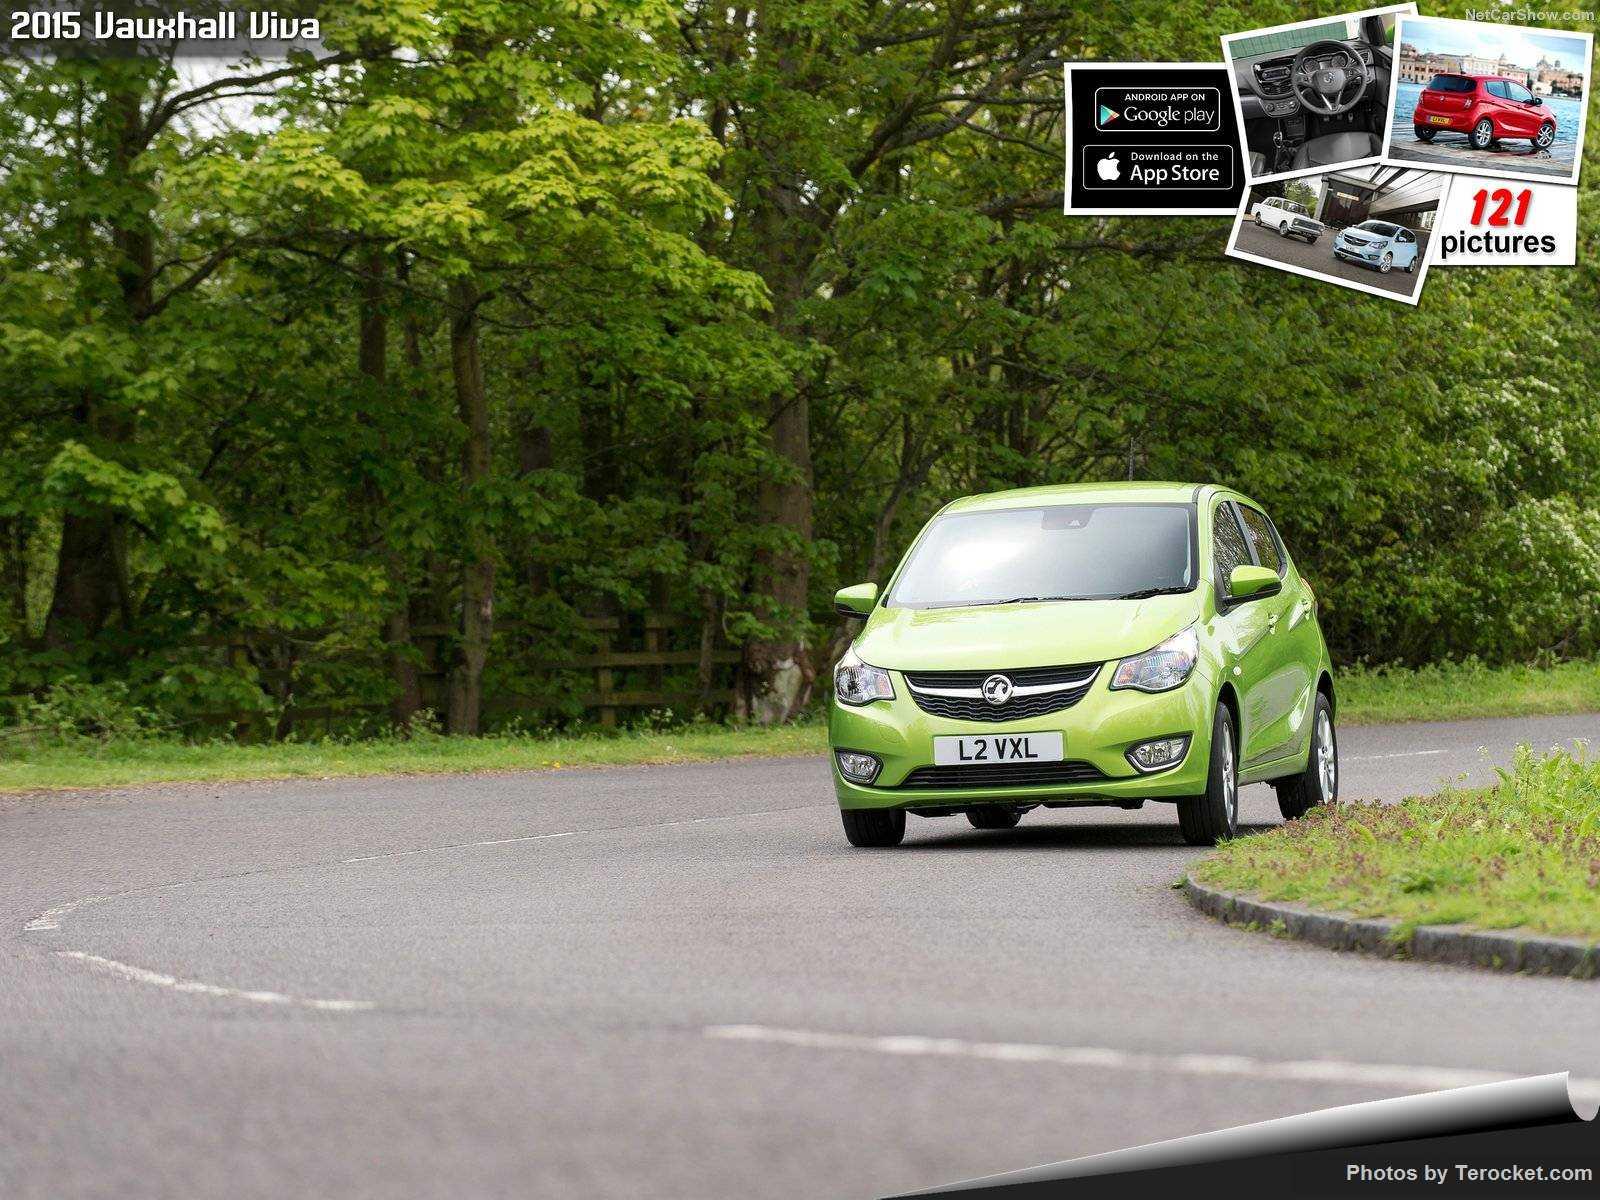 Hình ảnh xe ô tô Vauxhall Viva 2015 & nội ngoại thất